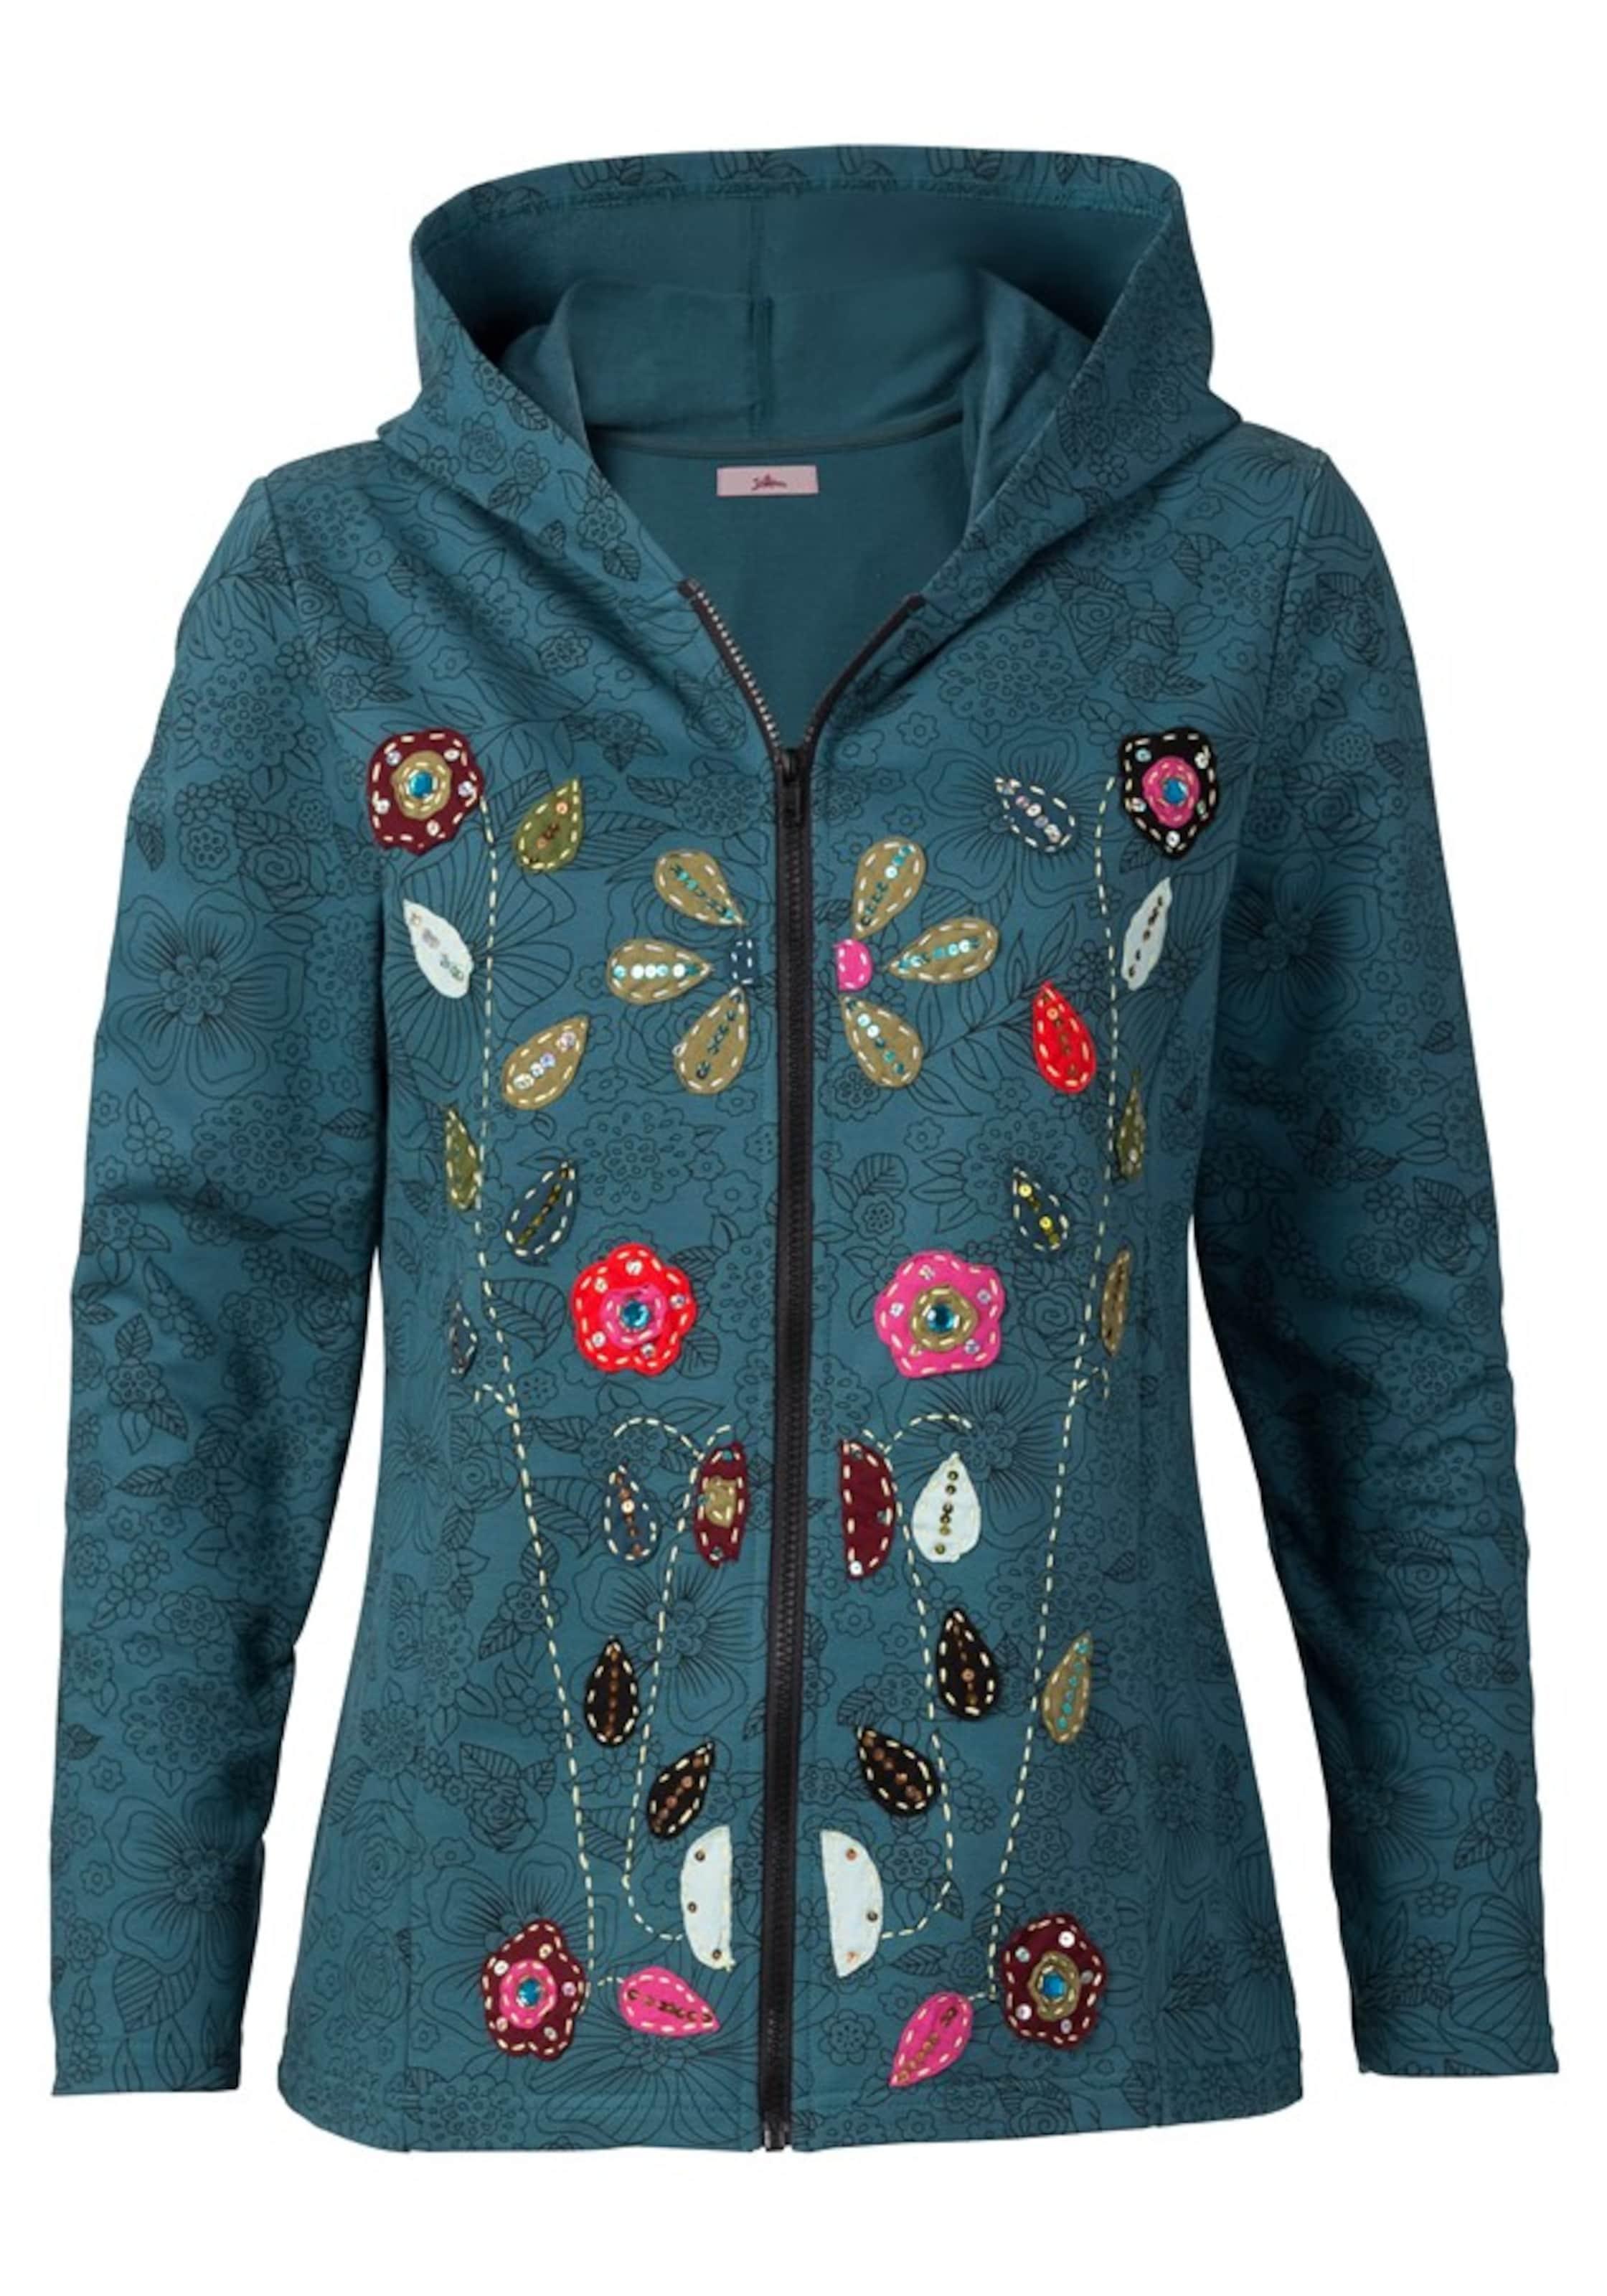 JOE BROWNS Veste de survêtement en pétrole mélange de couleurs 2019 nouveaux produits 612303519 Vêtements Femme ZG1I5LY